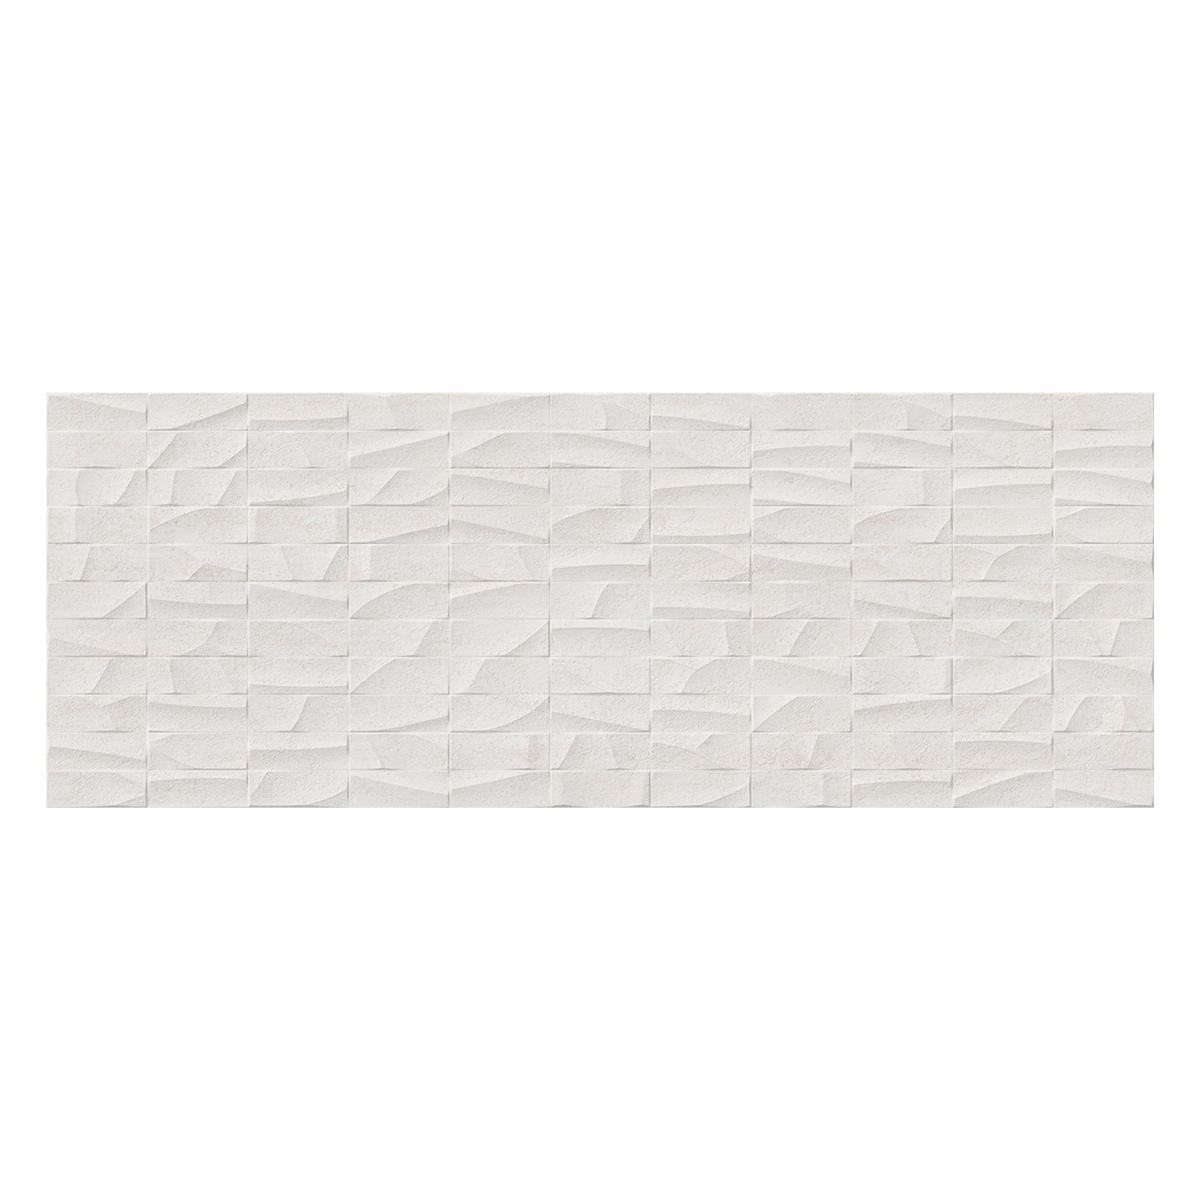 Mayólica Mosaico Nantes Gris Mate - 45X120 cm - 1.62 m2